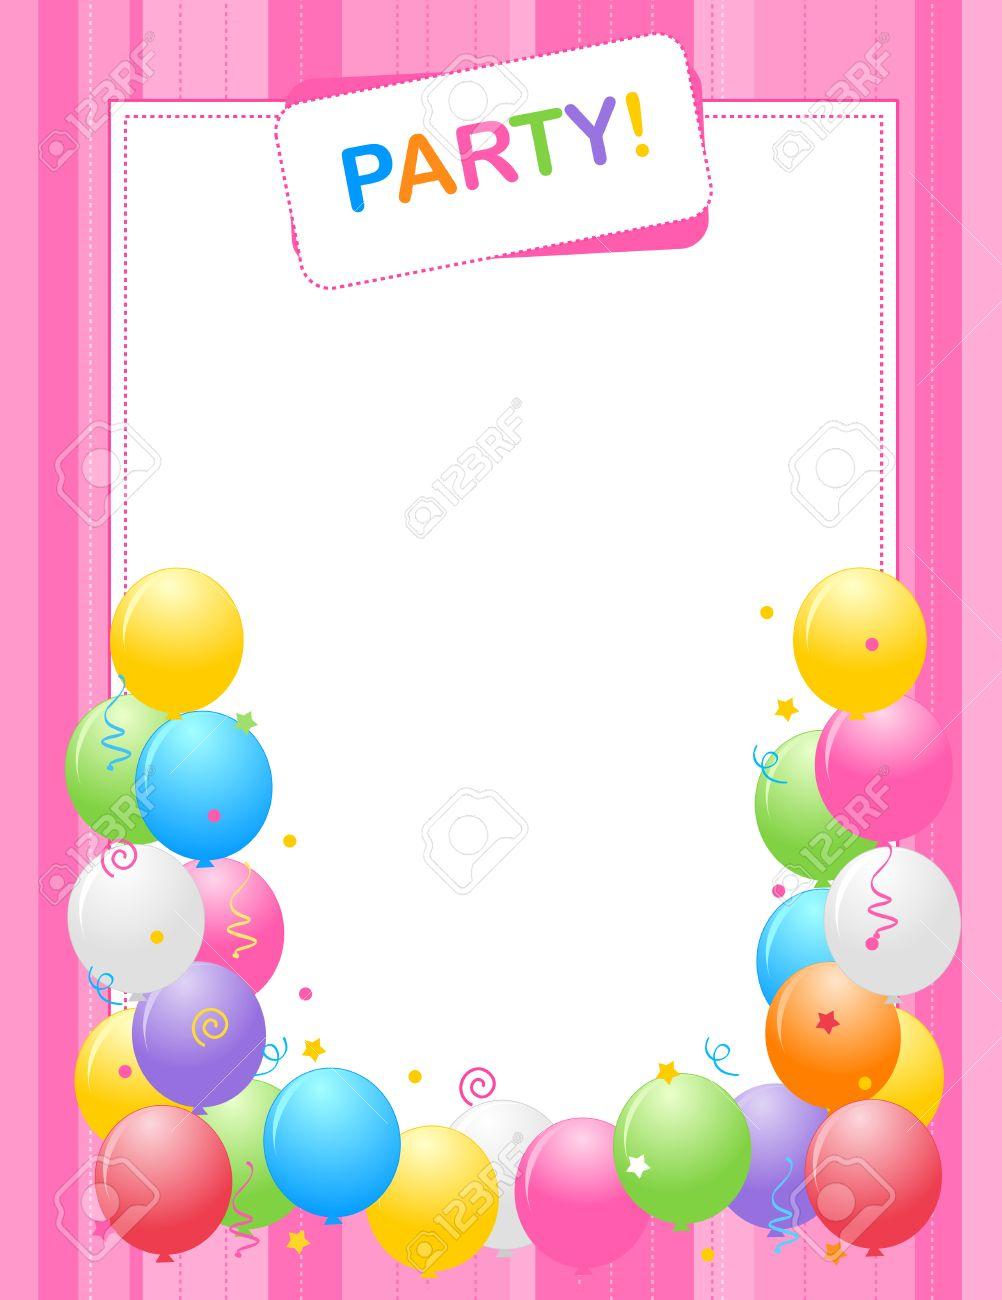 Globos De Colores Frontera Ilustración Marco Para Las Tarjetas De Cumpleaños Y Fondos Invitación De La Fiesta Pink Uno Especialmente Para Las Niñas